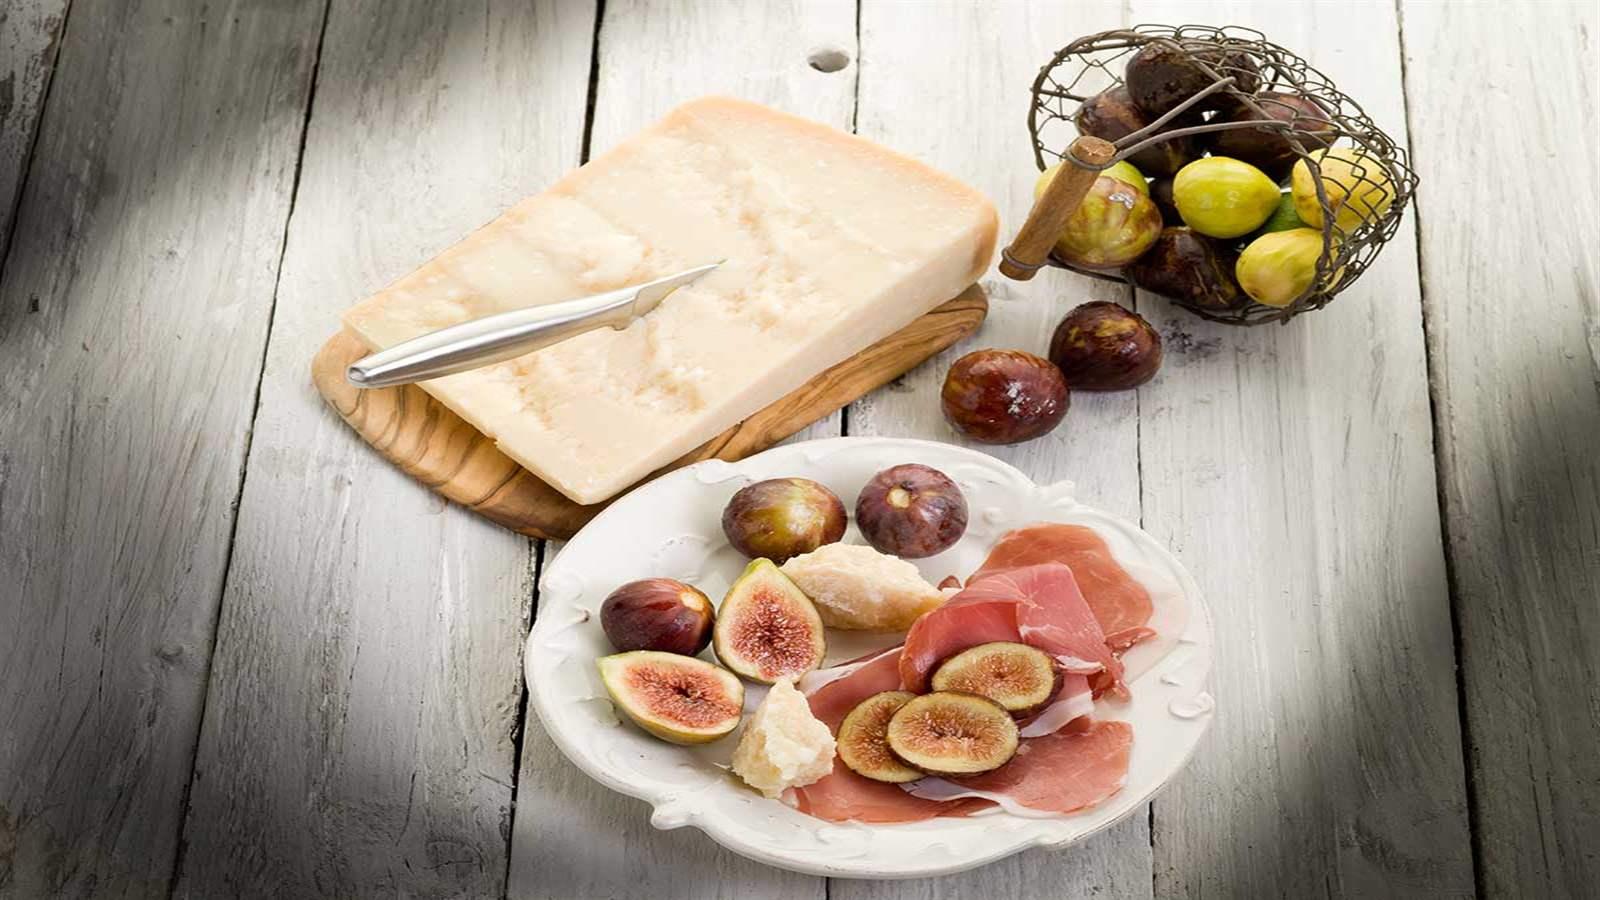 Percorsi enogastronomici parma 4 prodotti food valley - Corsi di cucina parma ...